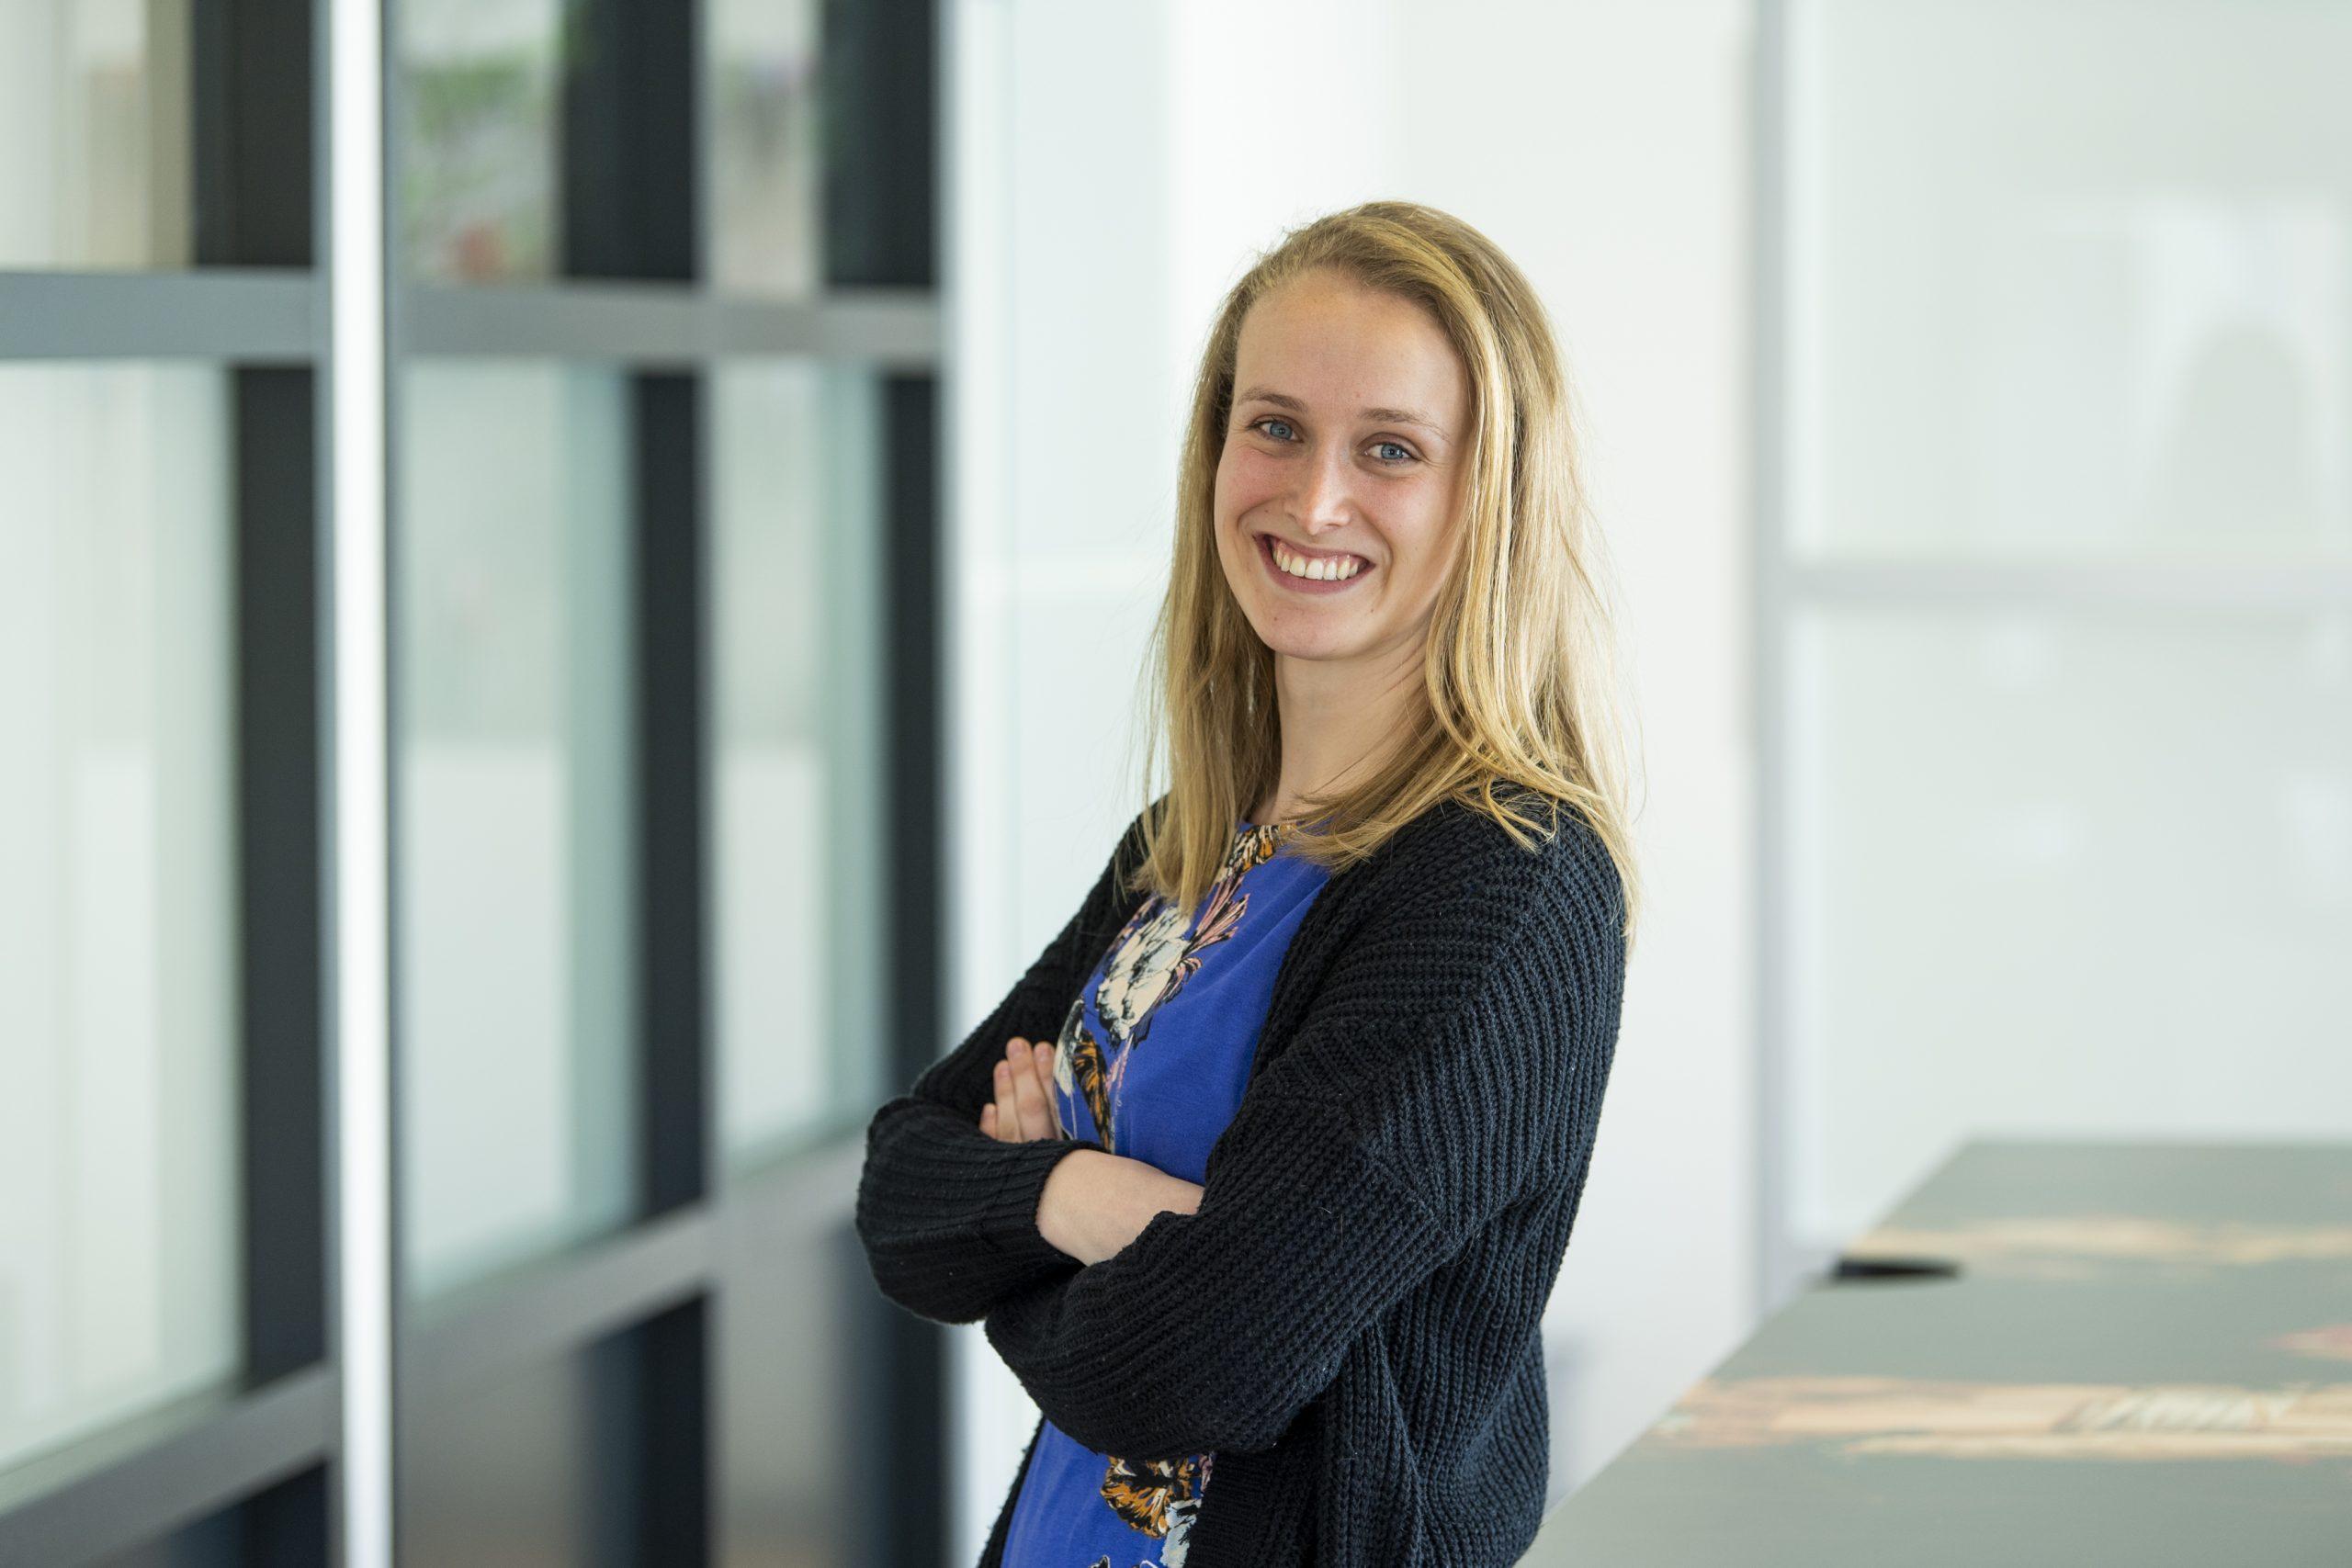 Daniëlle Werther is secretarieel ondersteuner bij MZ Services.